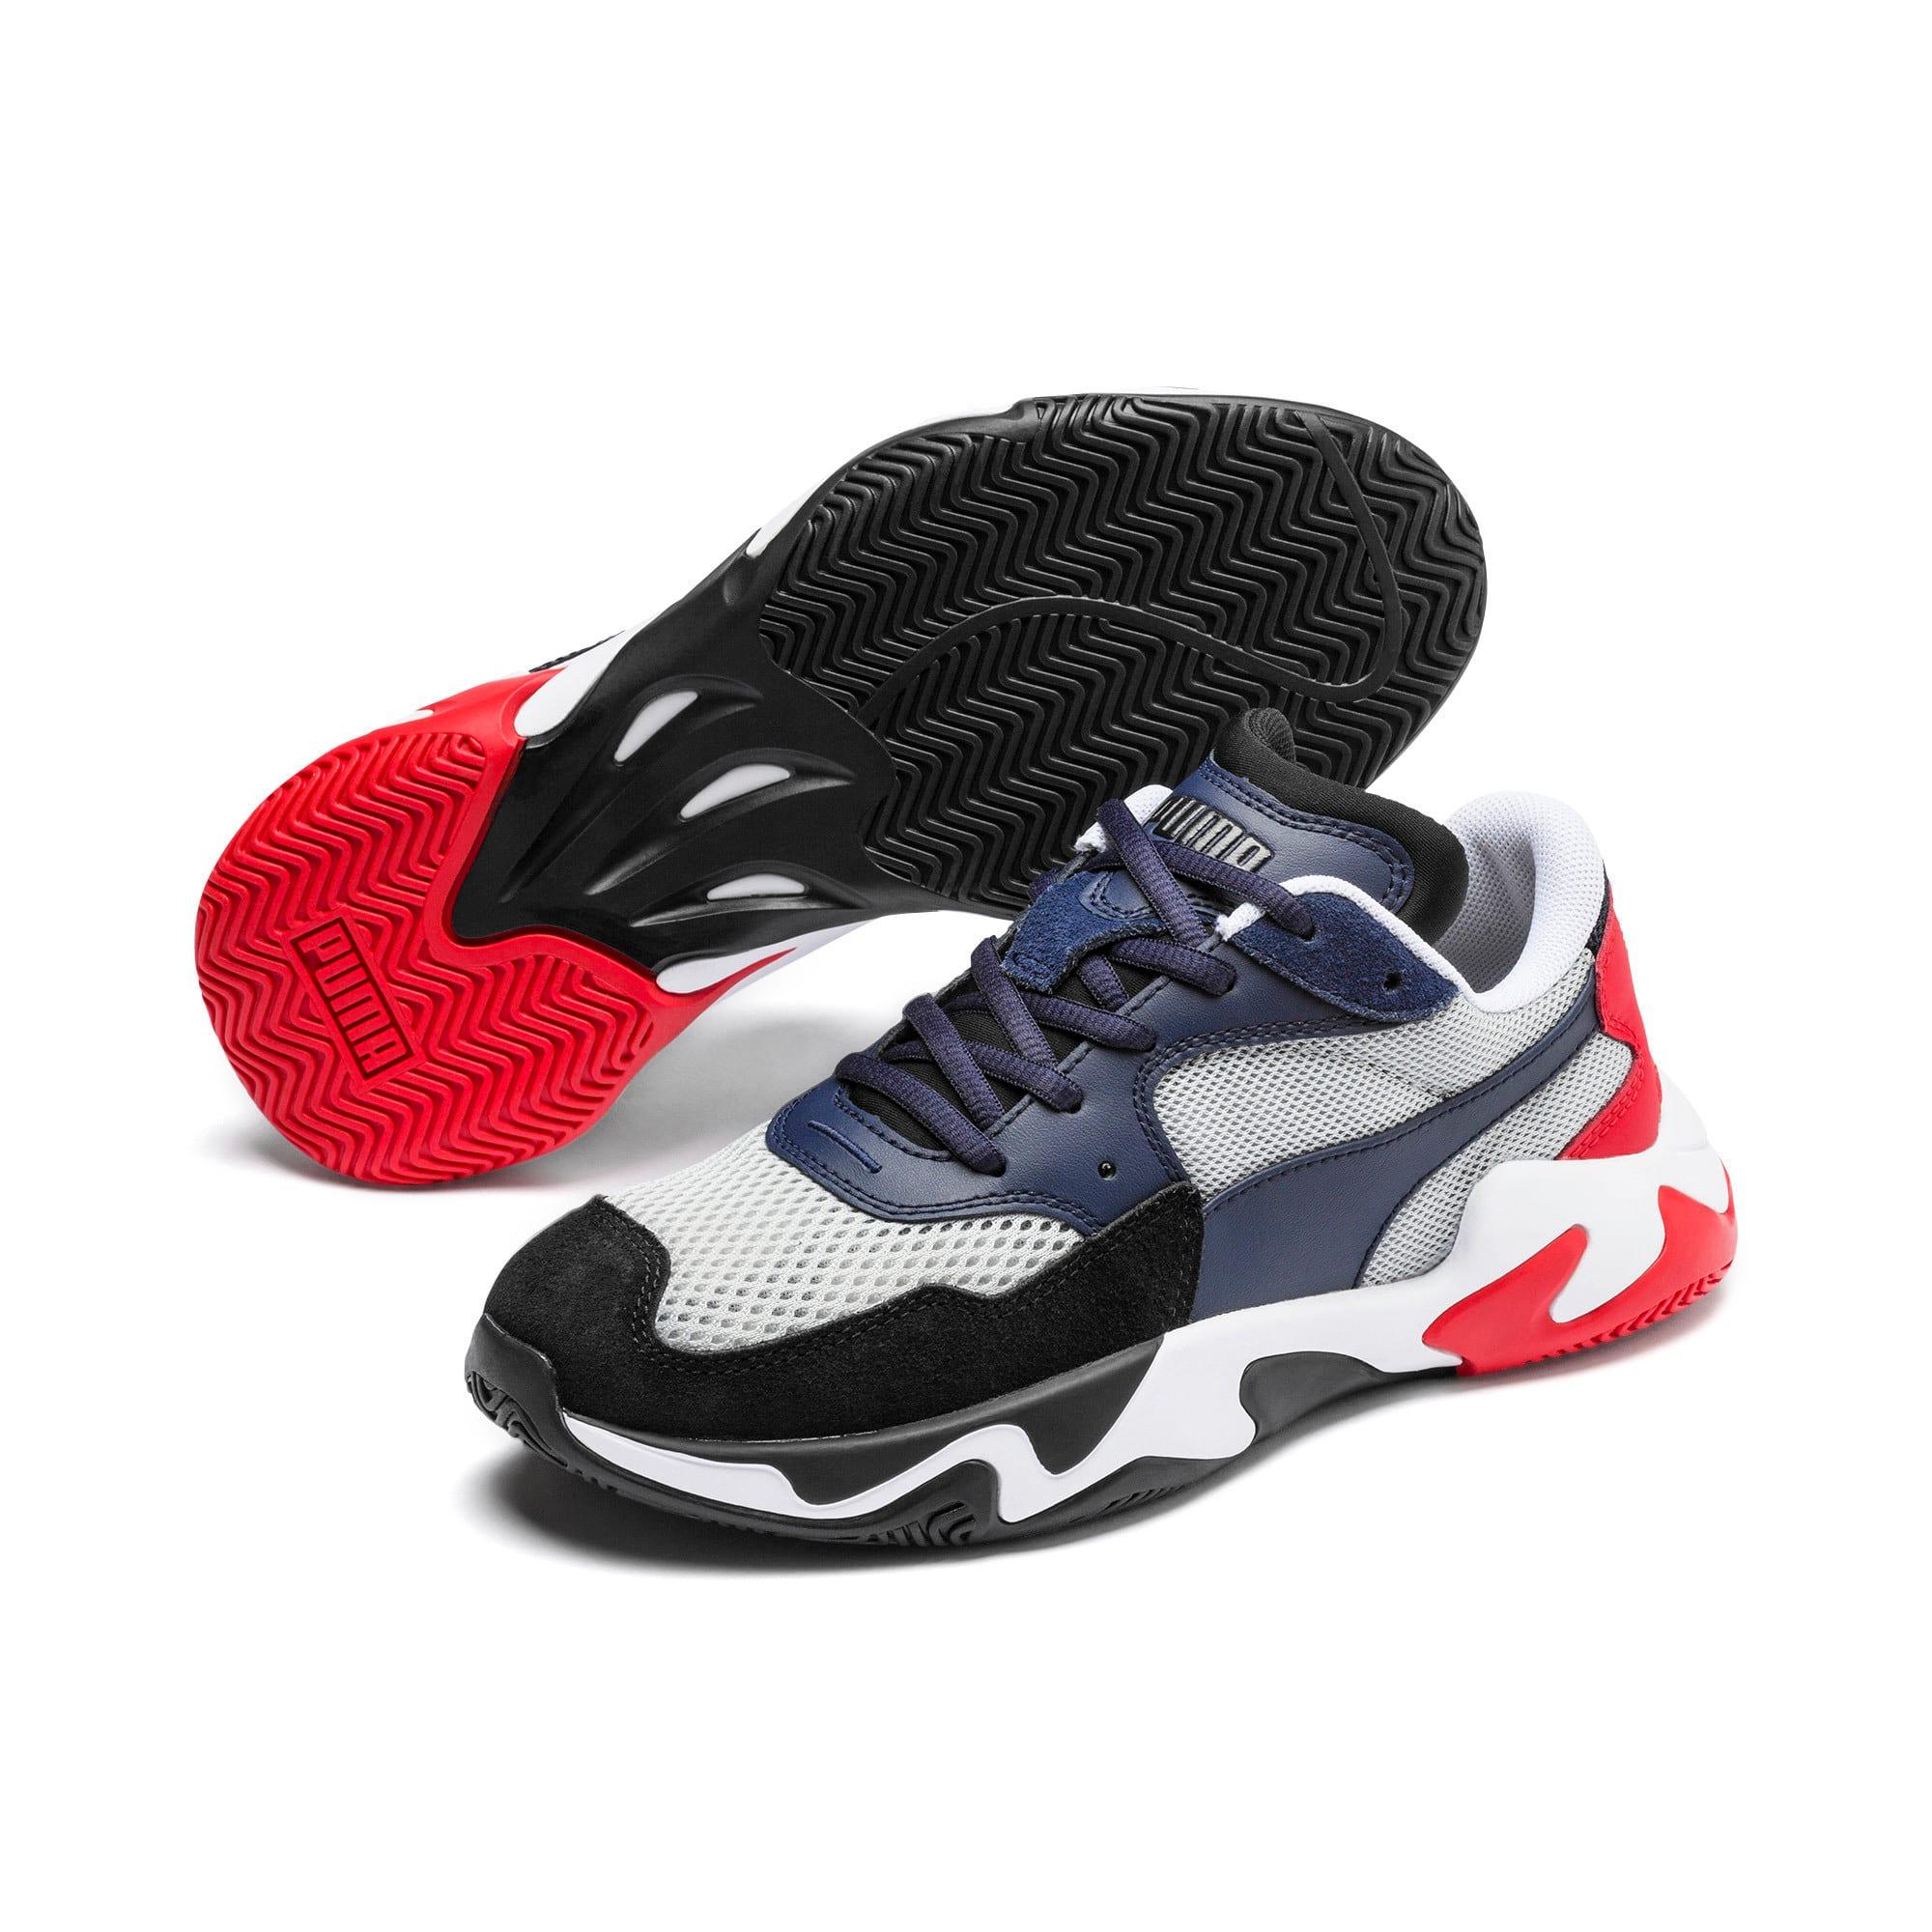 Thumbnail 2 of Storm Origin Sneakers JR, Puma Black-High Rise, medium